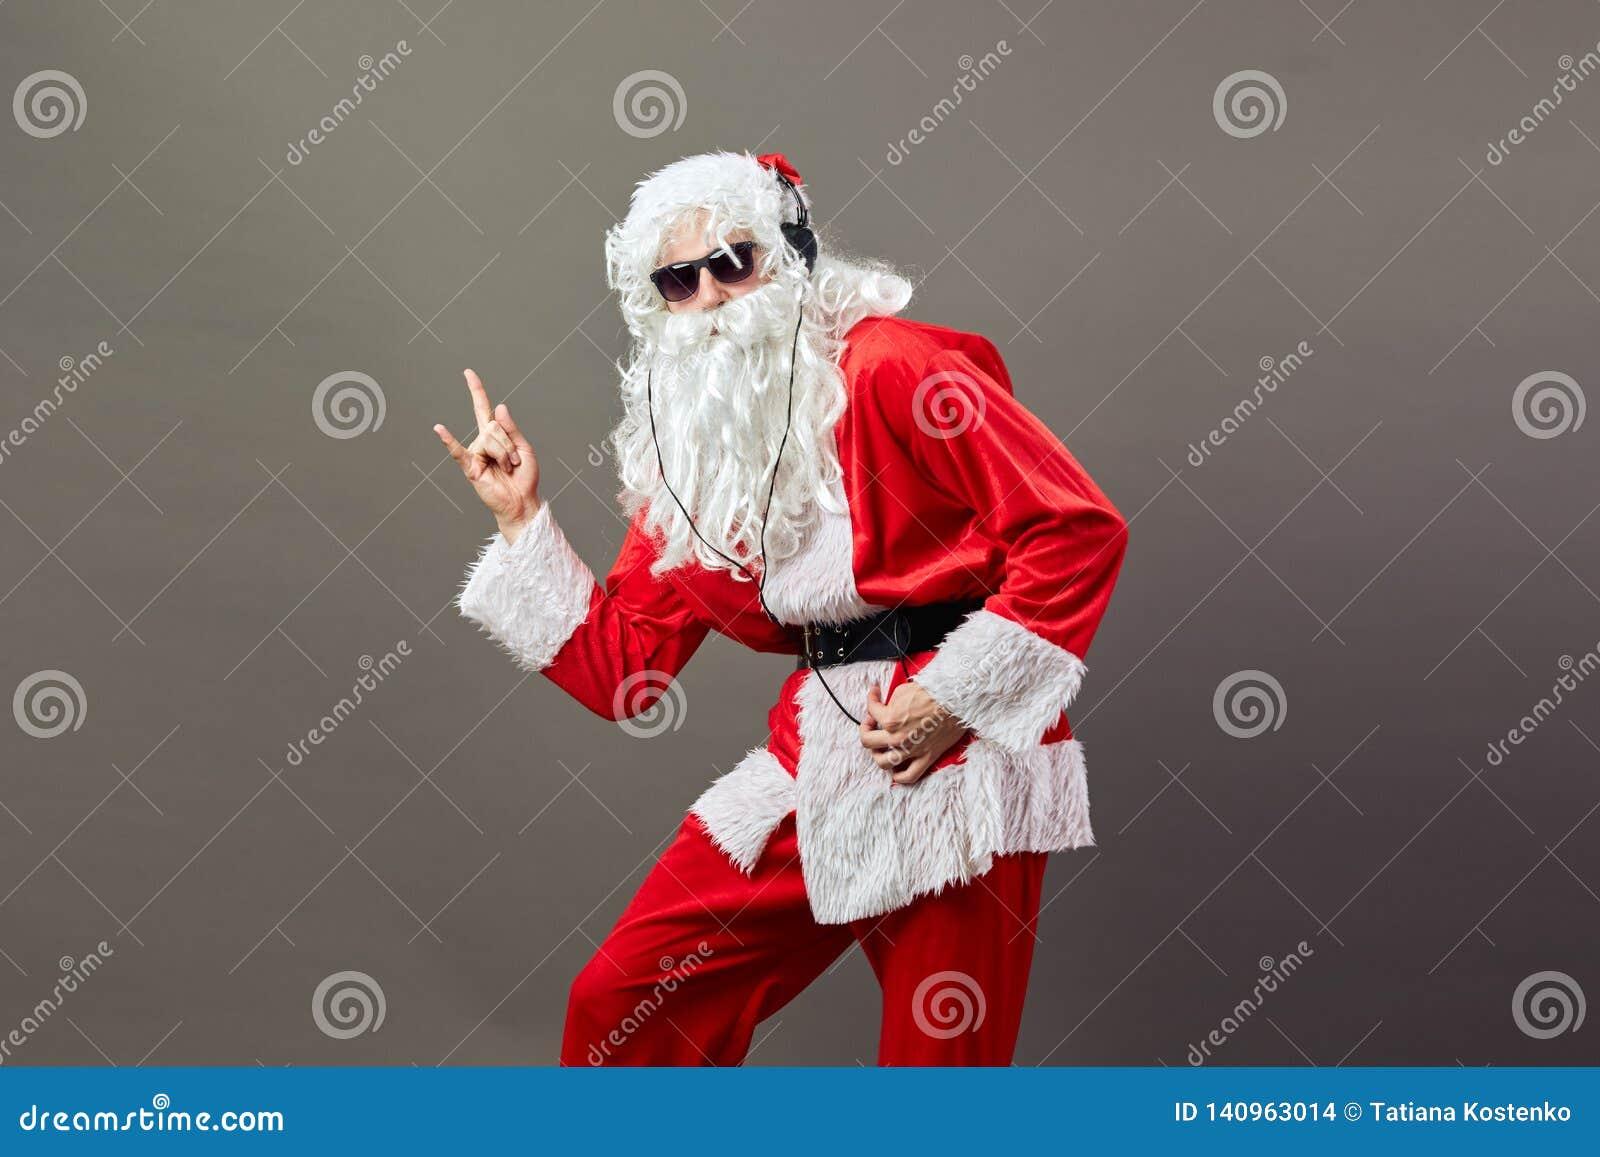 Święty Mikołaj z długą białą brodą w okularach przeciwsłonecznych i hełmofonach pokazuje skała śpiewa na szarym tle